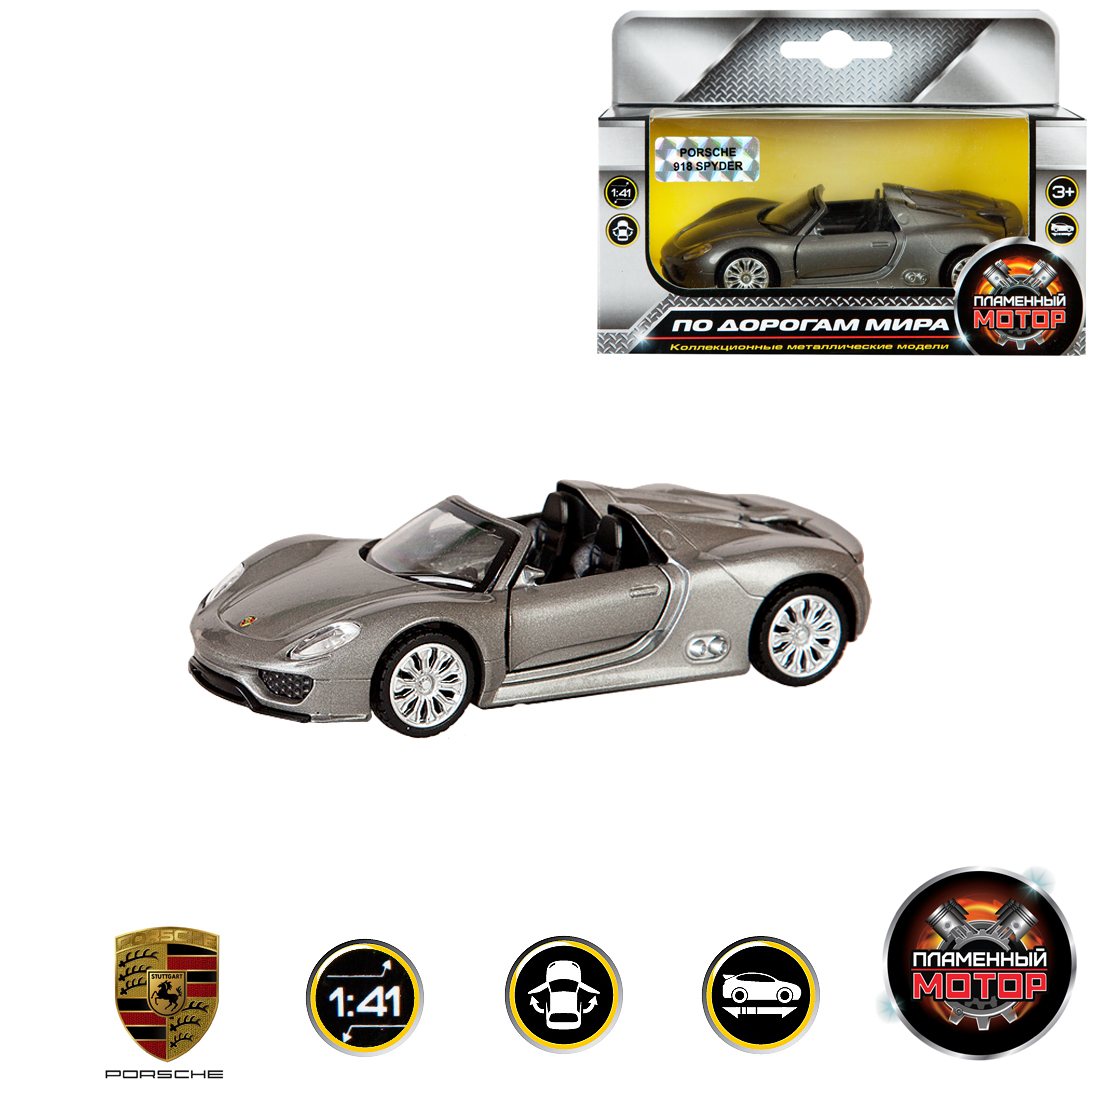 Машинки и мотоциклы Пламенный мотор Модель машины Пламенный мотор «Porsche 918 Spyder» 1:41 цена